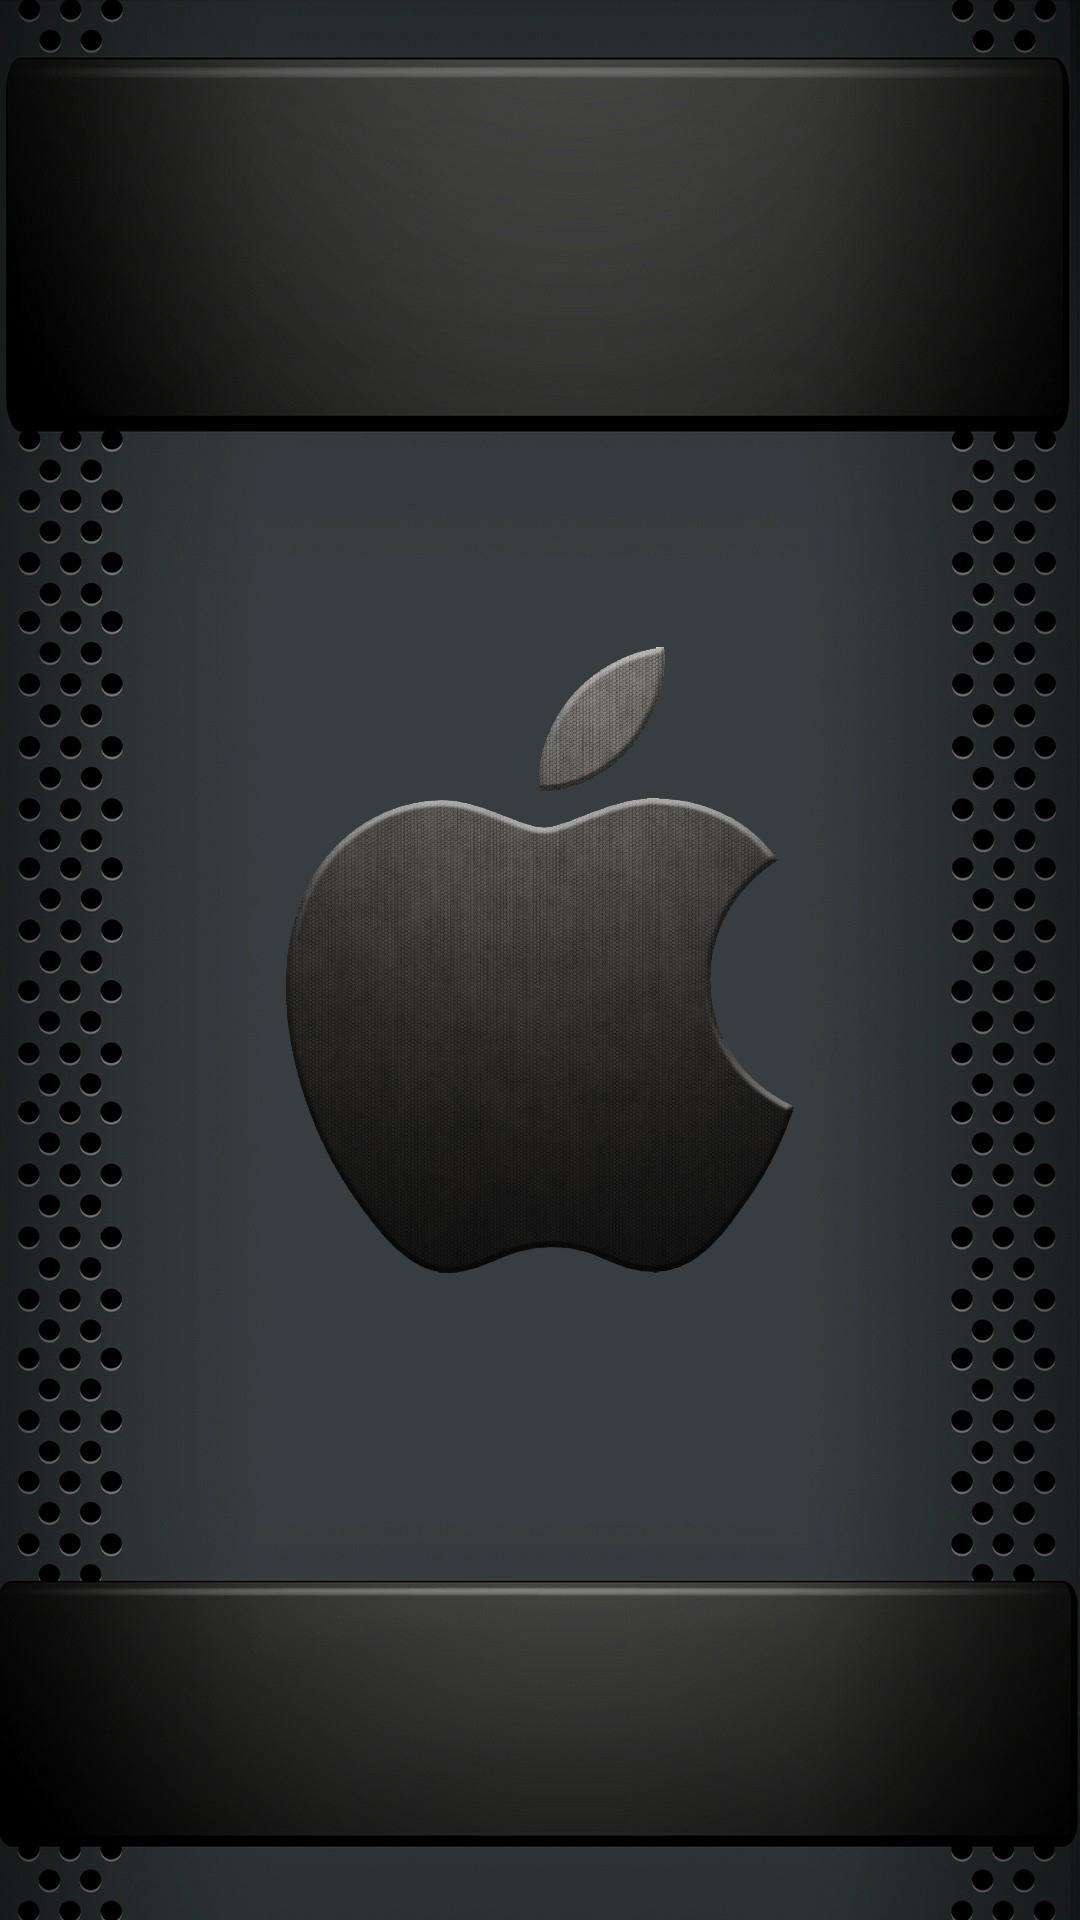 アップルクールブラックロゴiphone 7 8 Plus壁紙 Iphoneチーズ